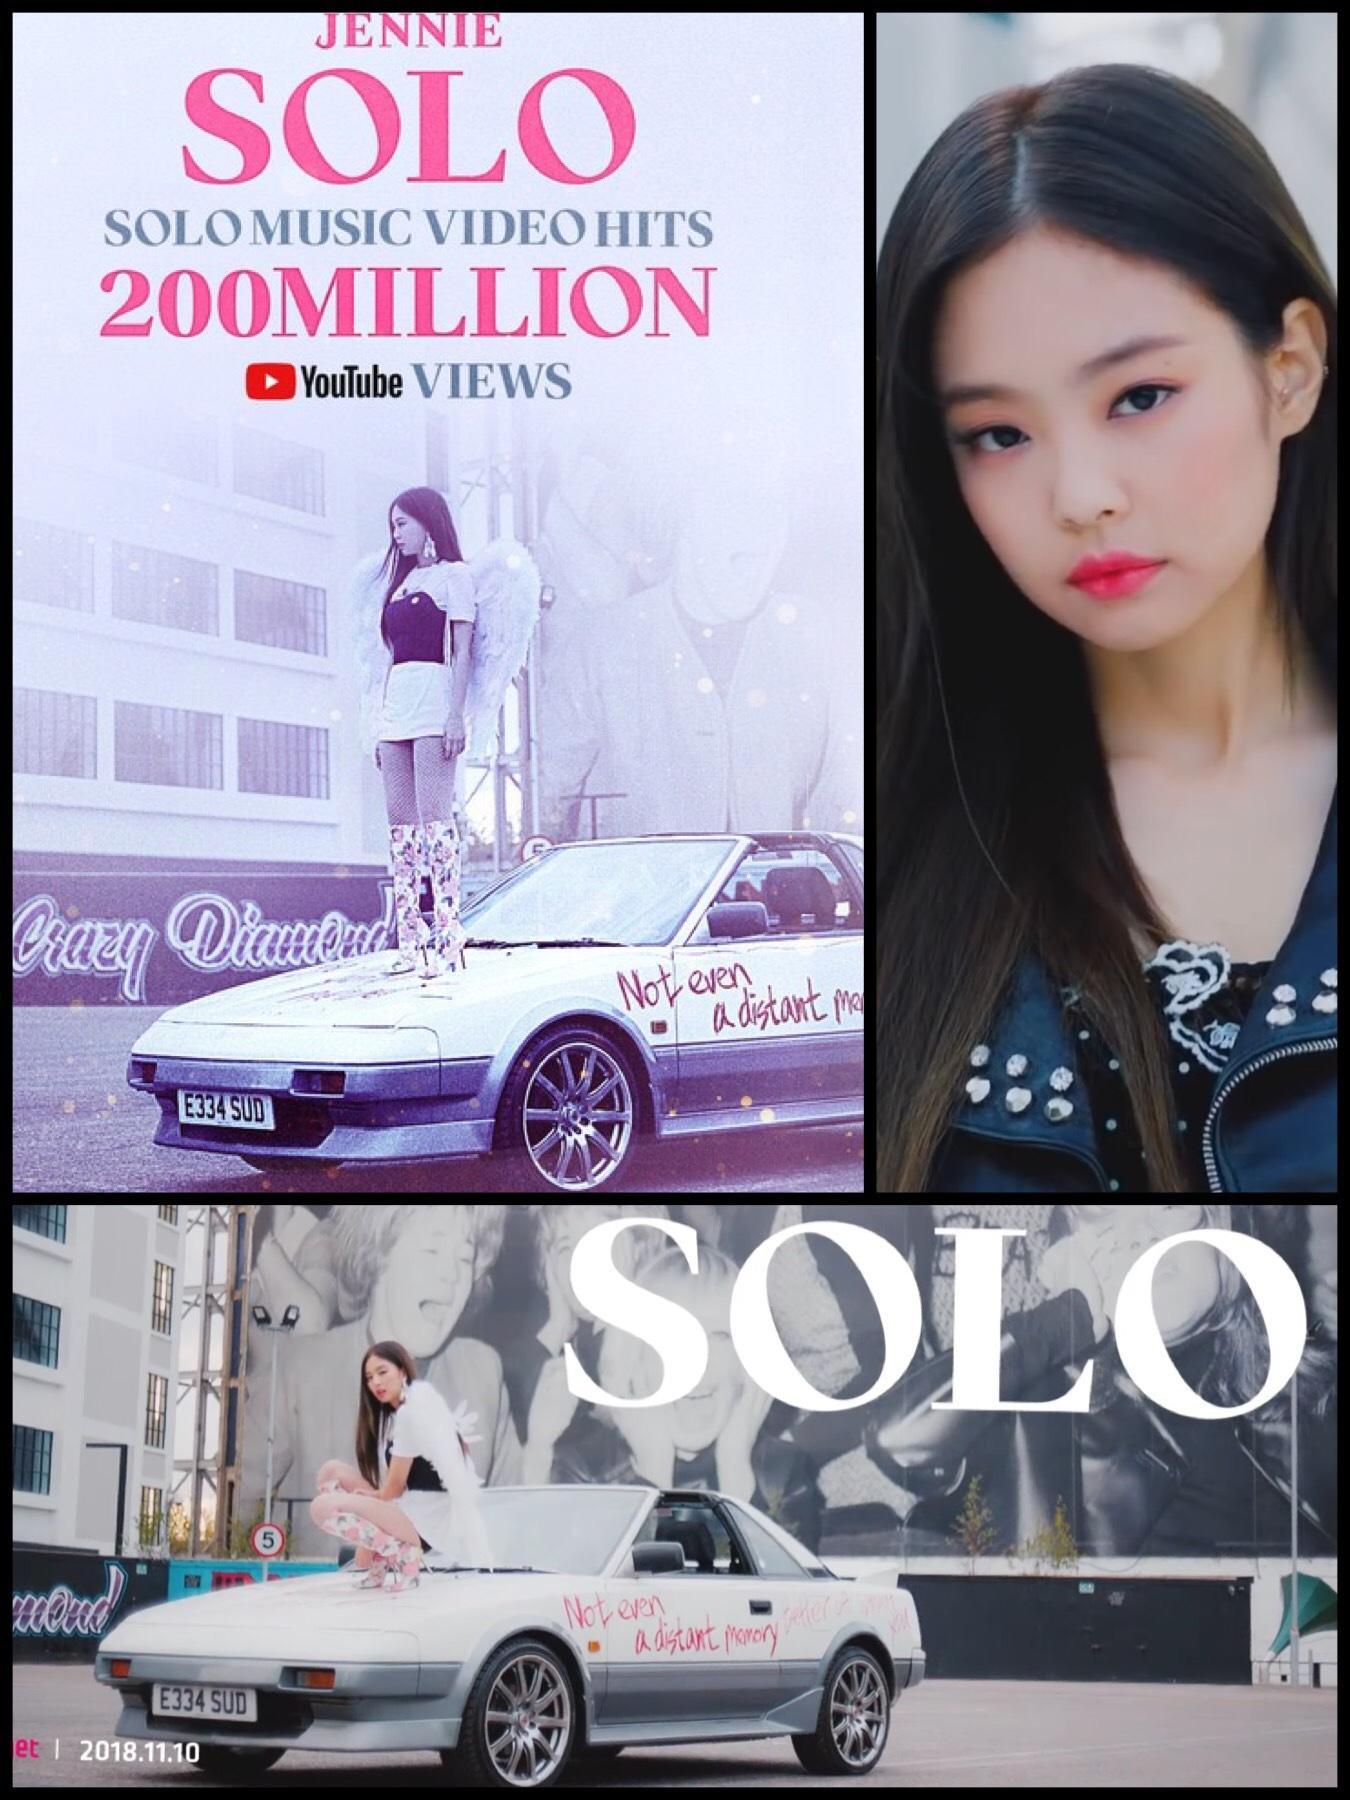 blackpink ジェニー jenny solo トヨタMR 2